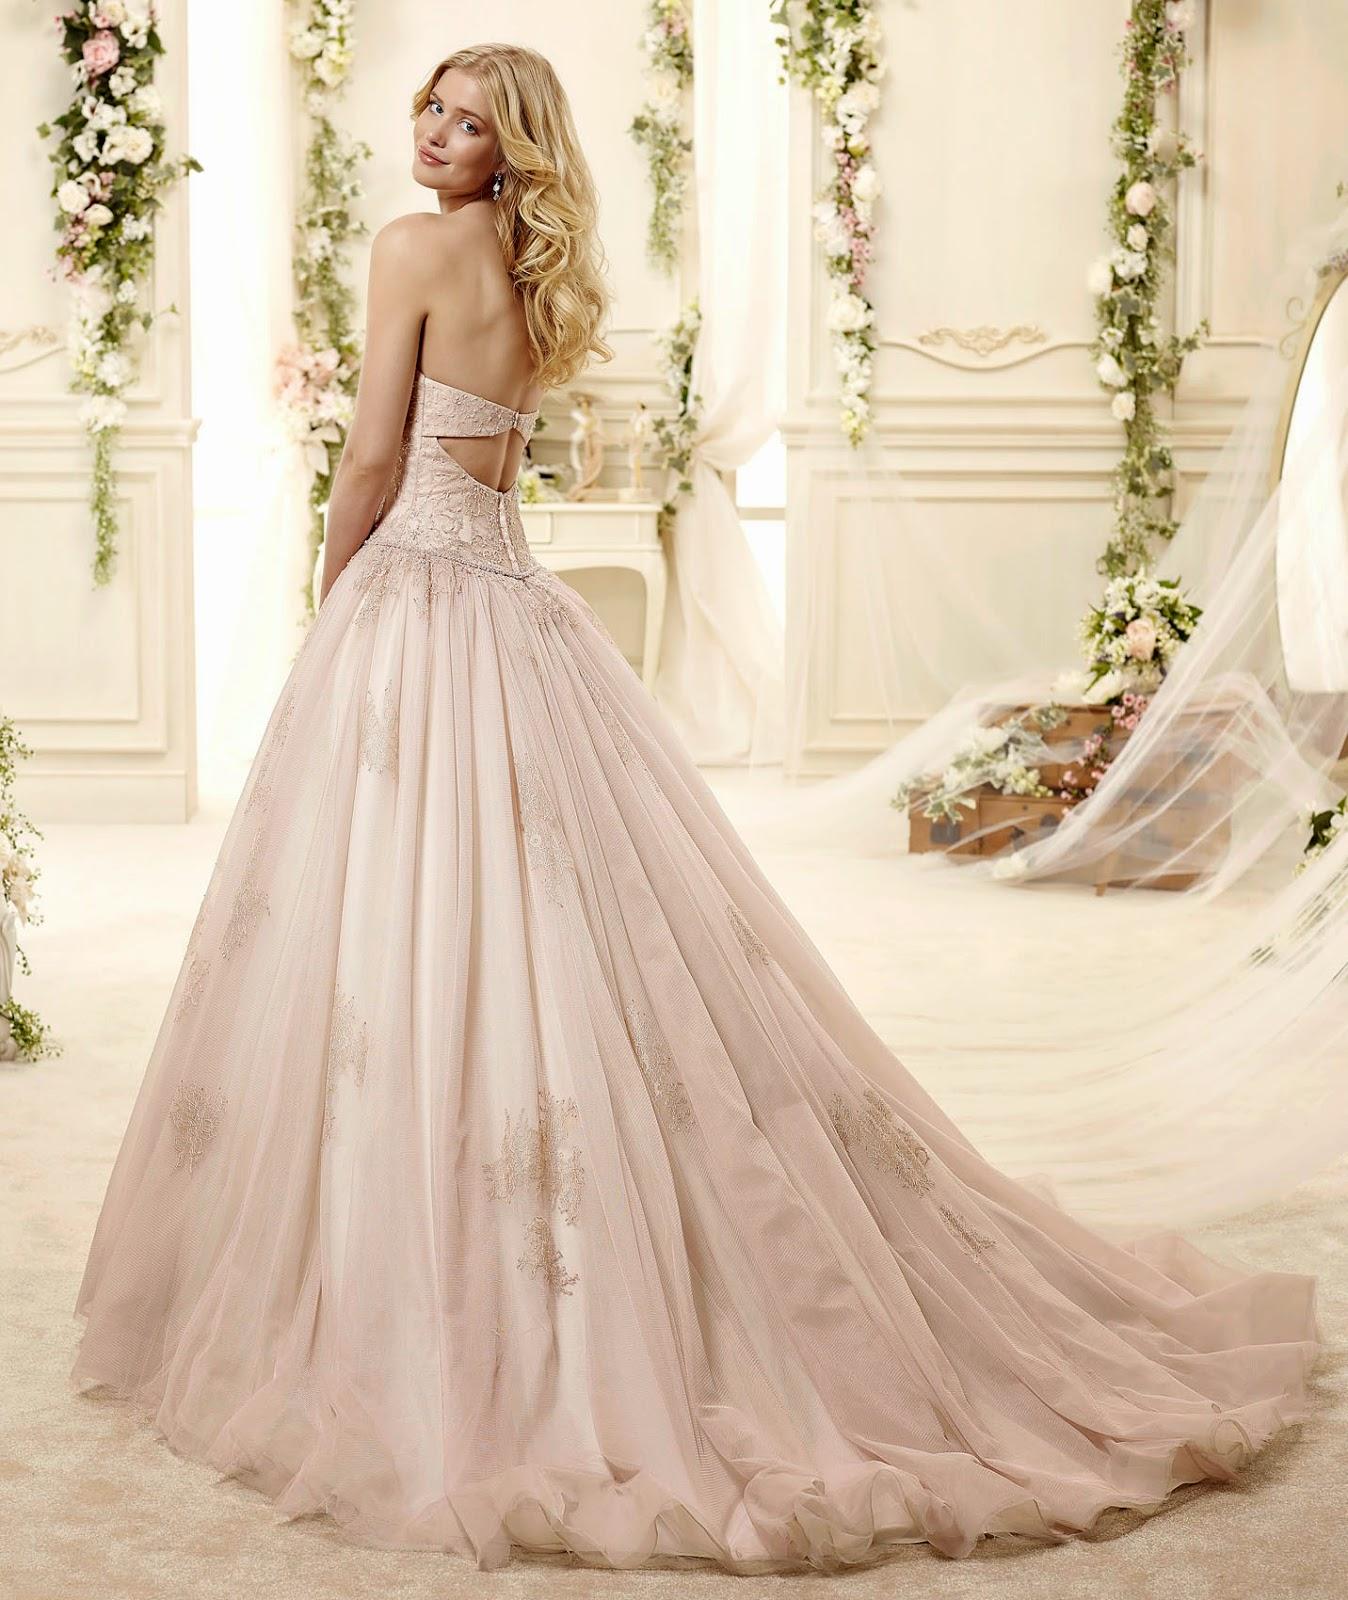 Matrimonio Country Chic Abiti : Tendenze abiti da sposa moda nozze forum